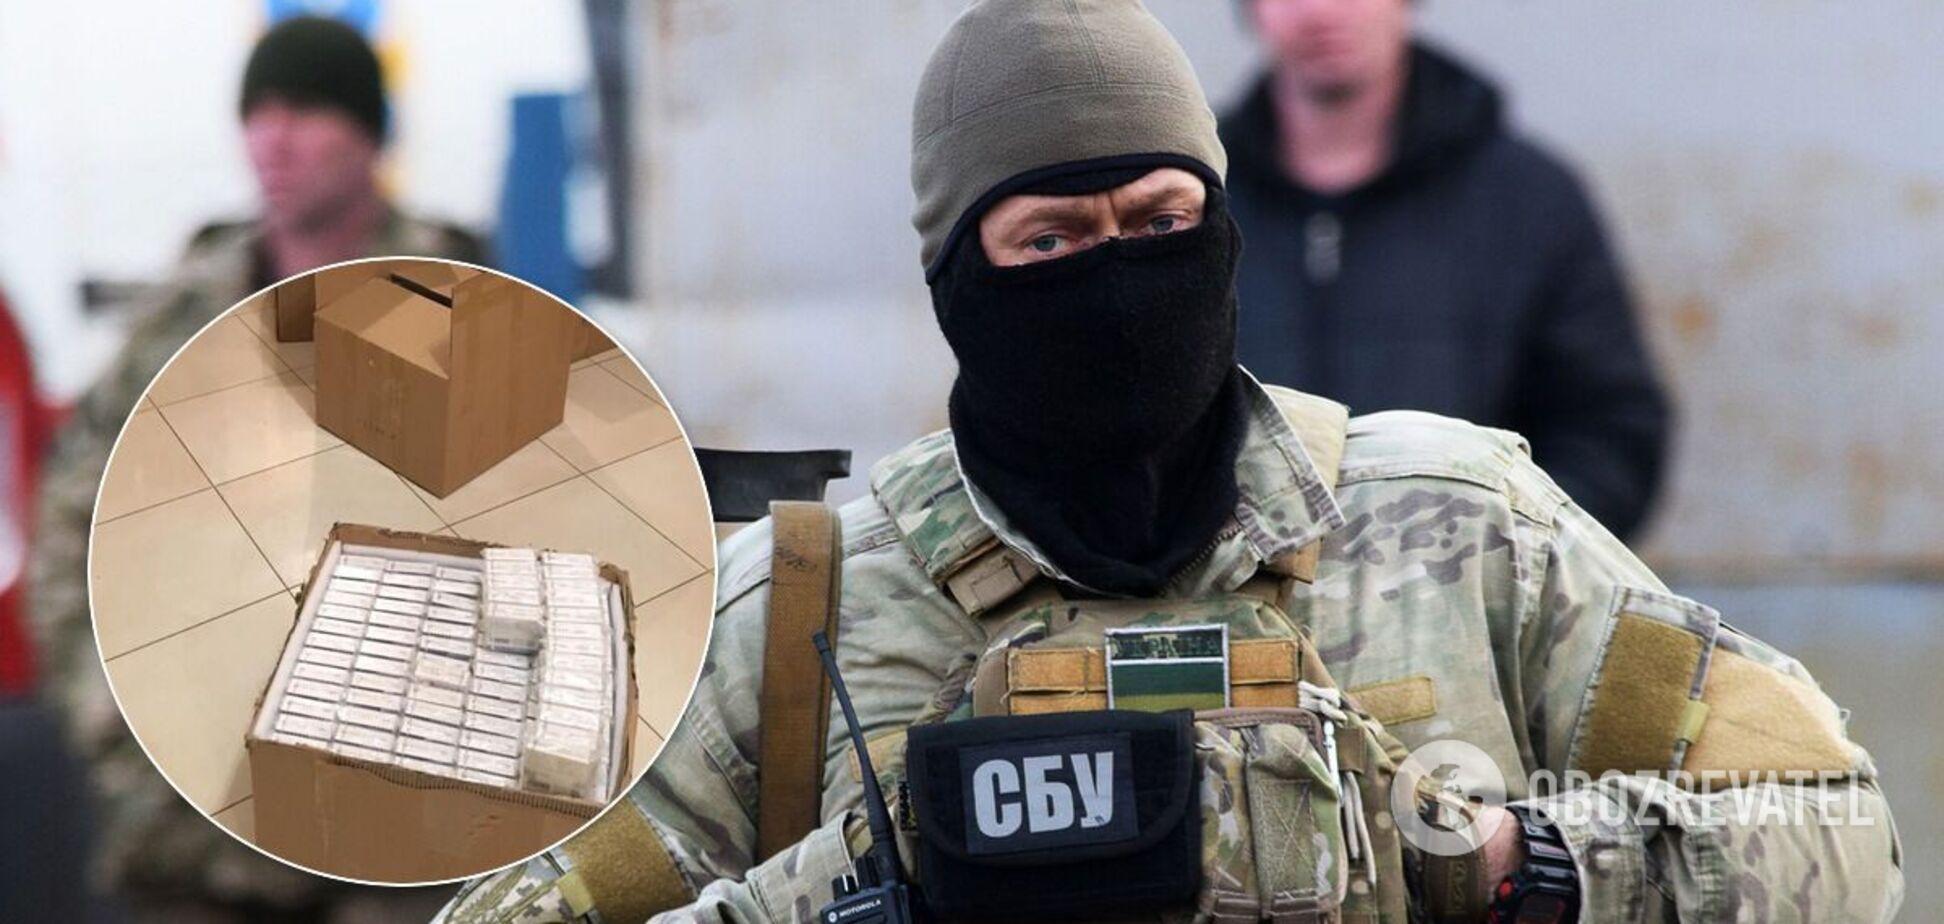 СБУ пресекла деятельность группировки, которая занималась контрабандой сильнодействующих веществ